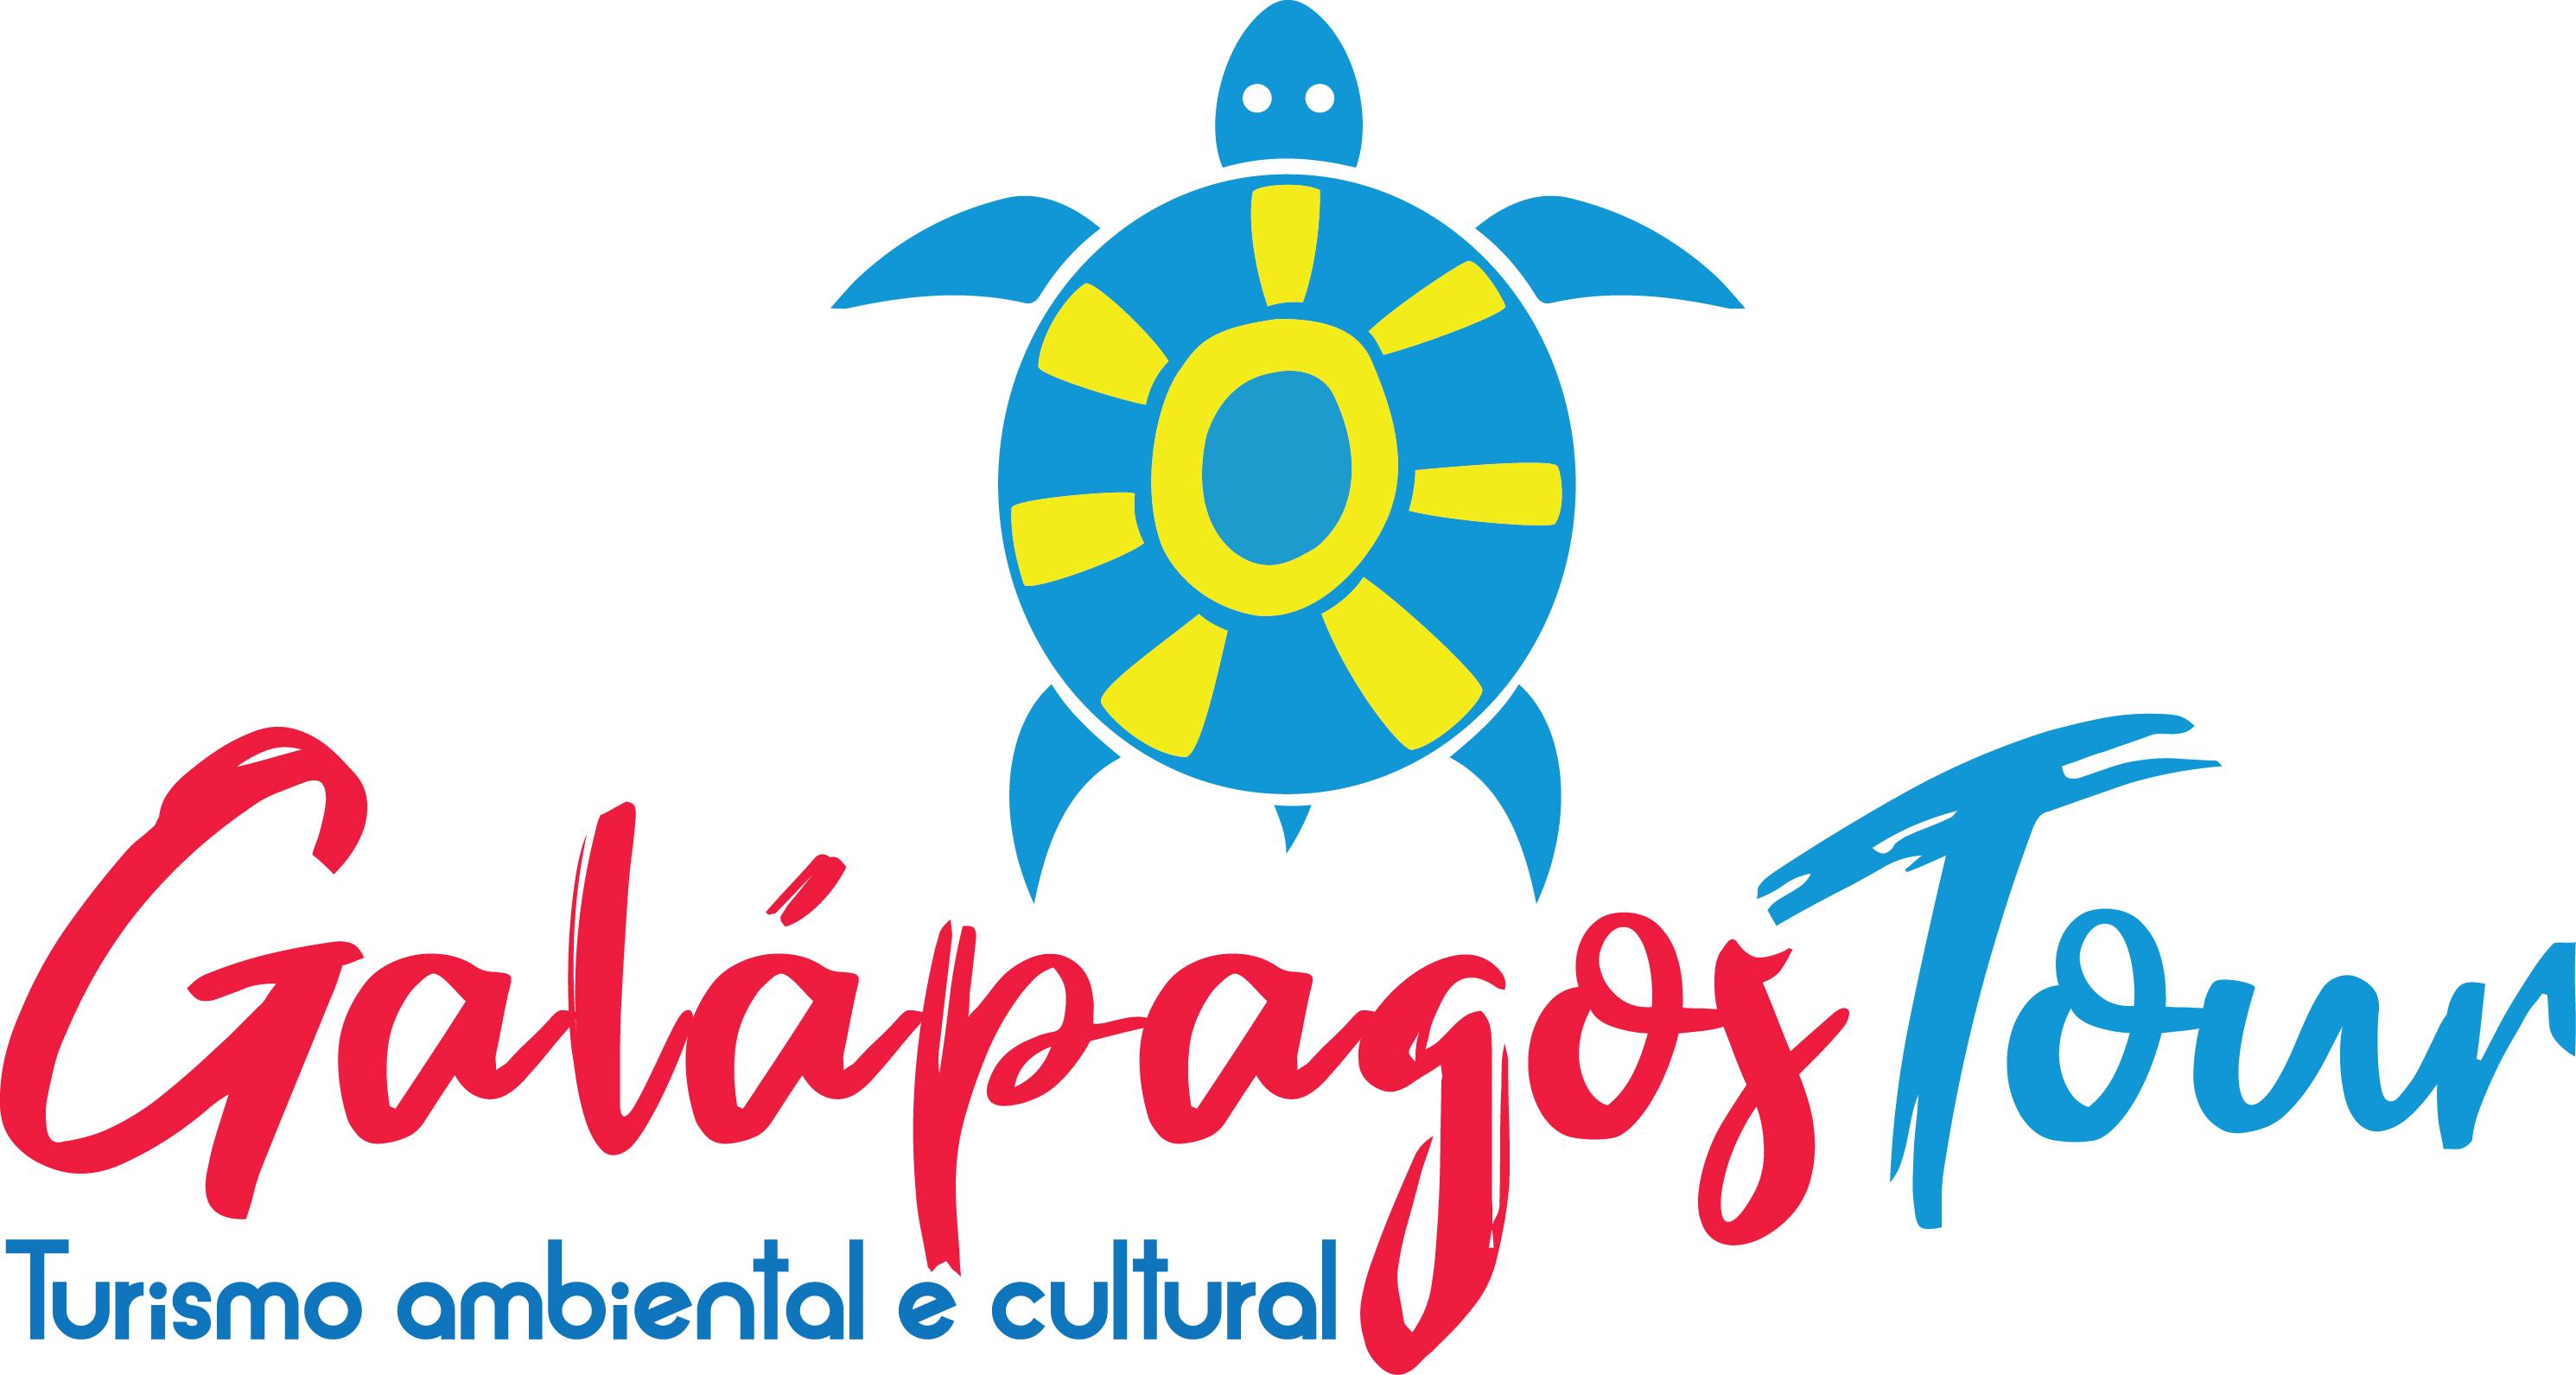 logo galápagos_novo.jpg